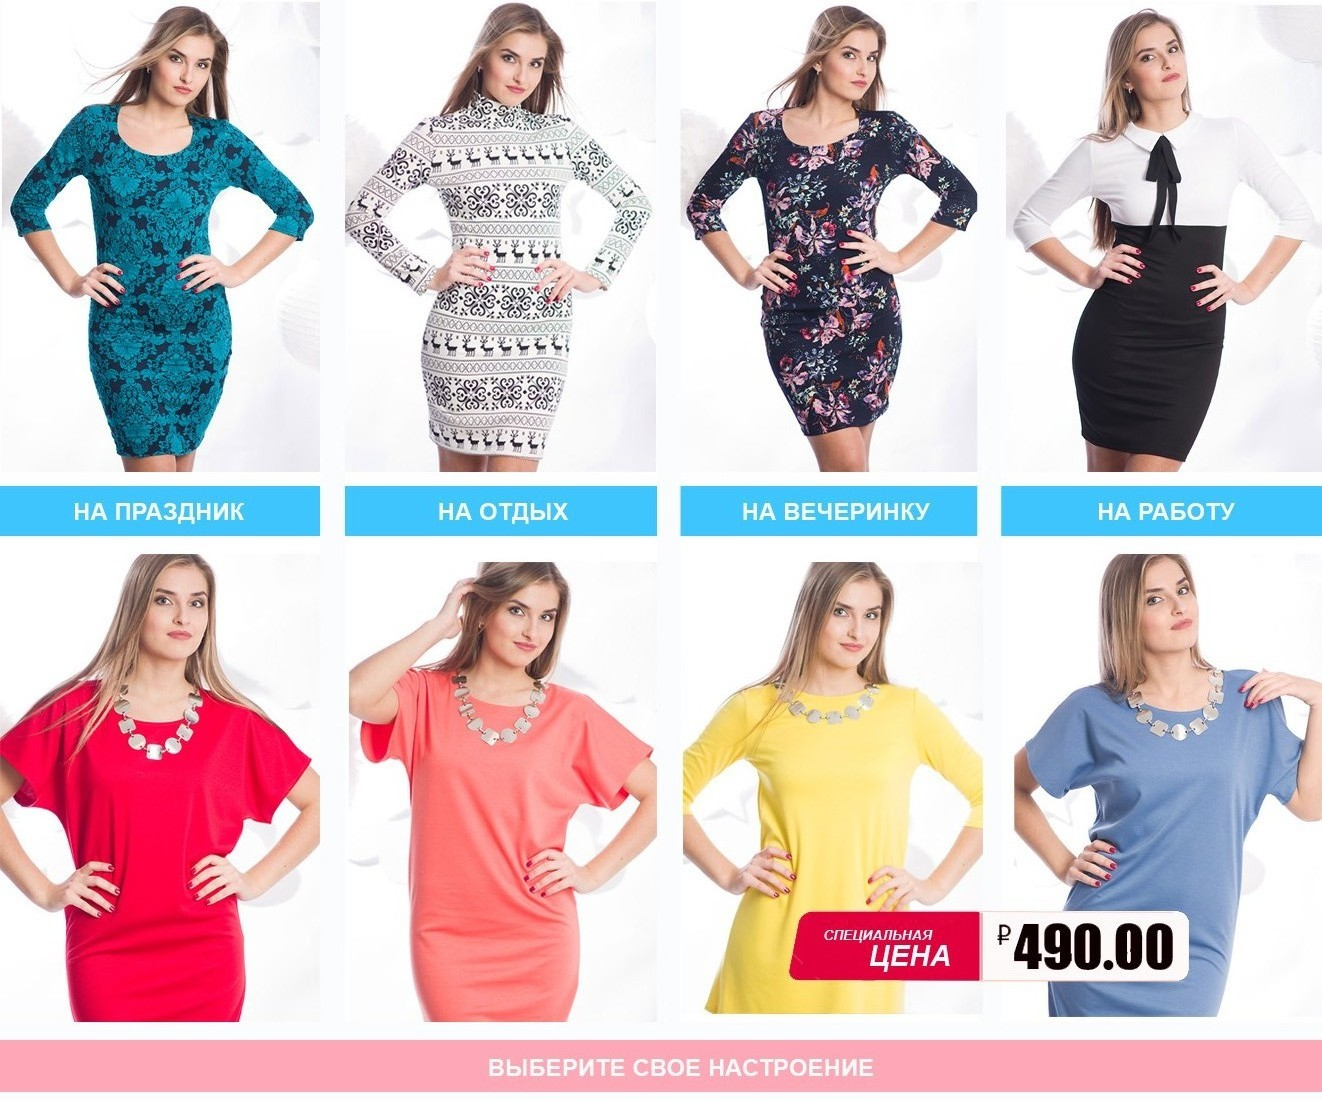 Модная Одежда Дешевая С Доставкой